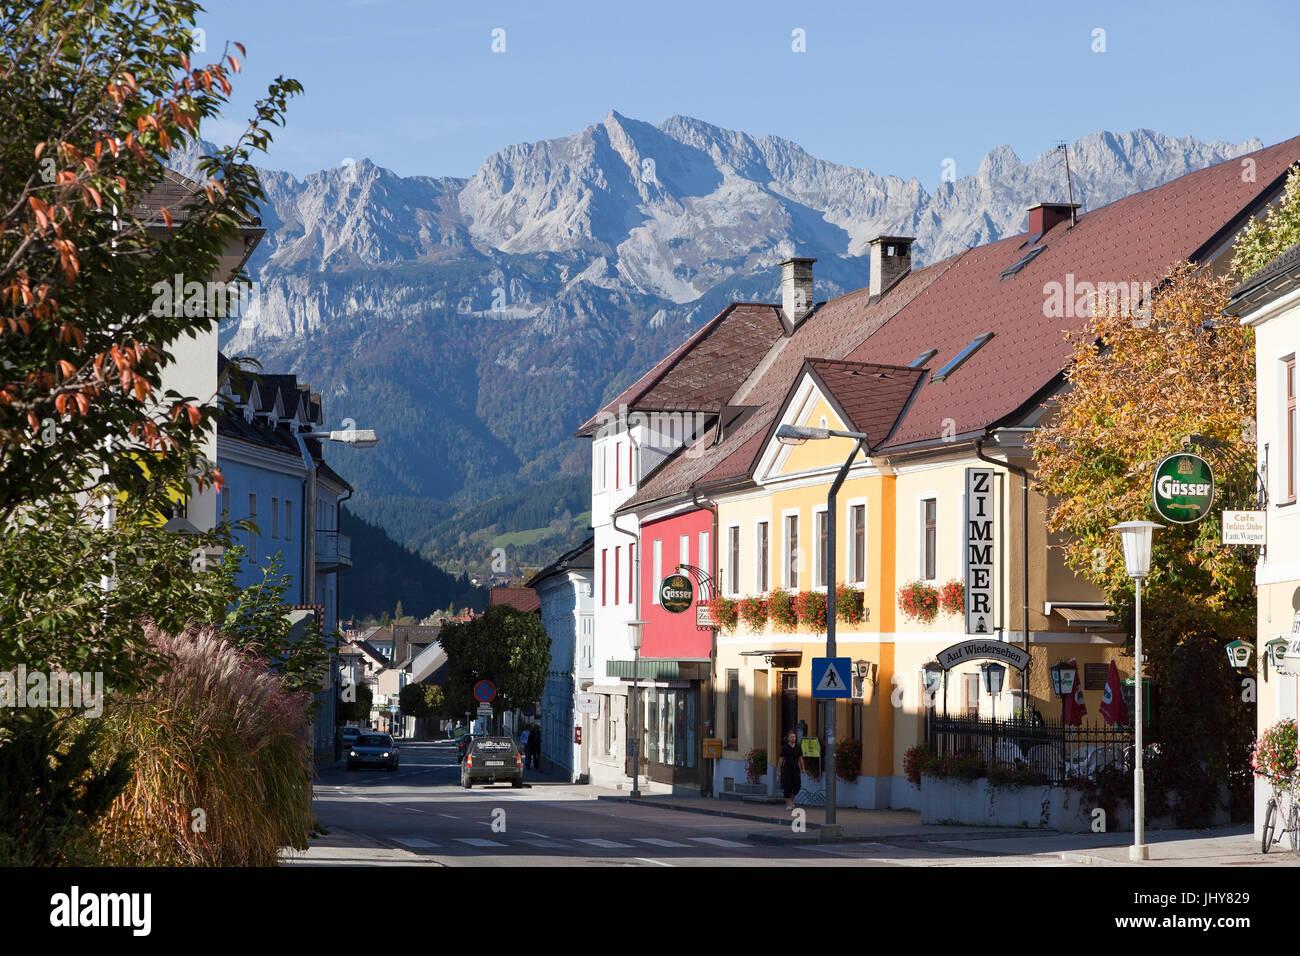 Voir d'Admont, Styrie, Autriche - la ville d'Admont, l'Autriche, Styrie, Ansicht von Admont, Steiermark, Photo Stock